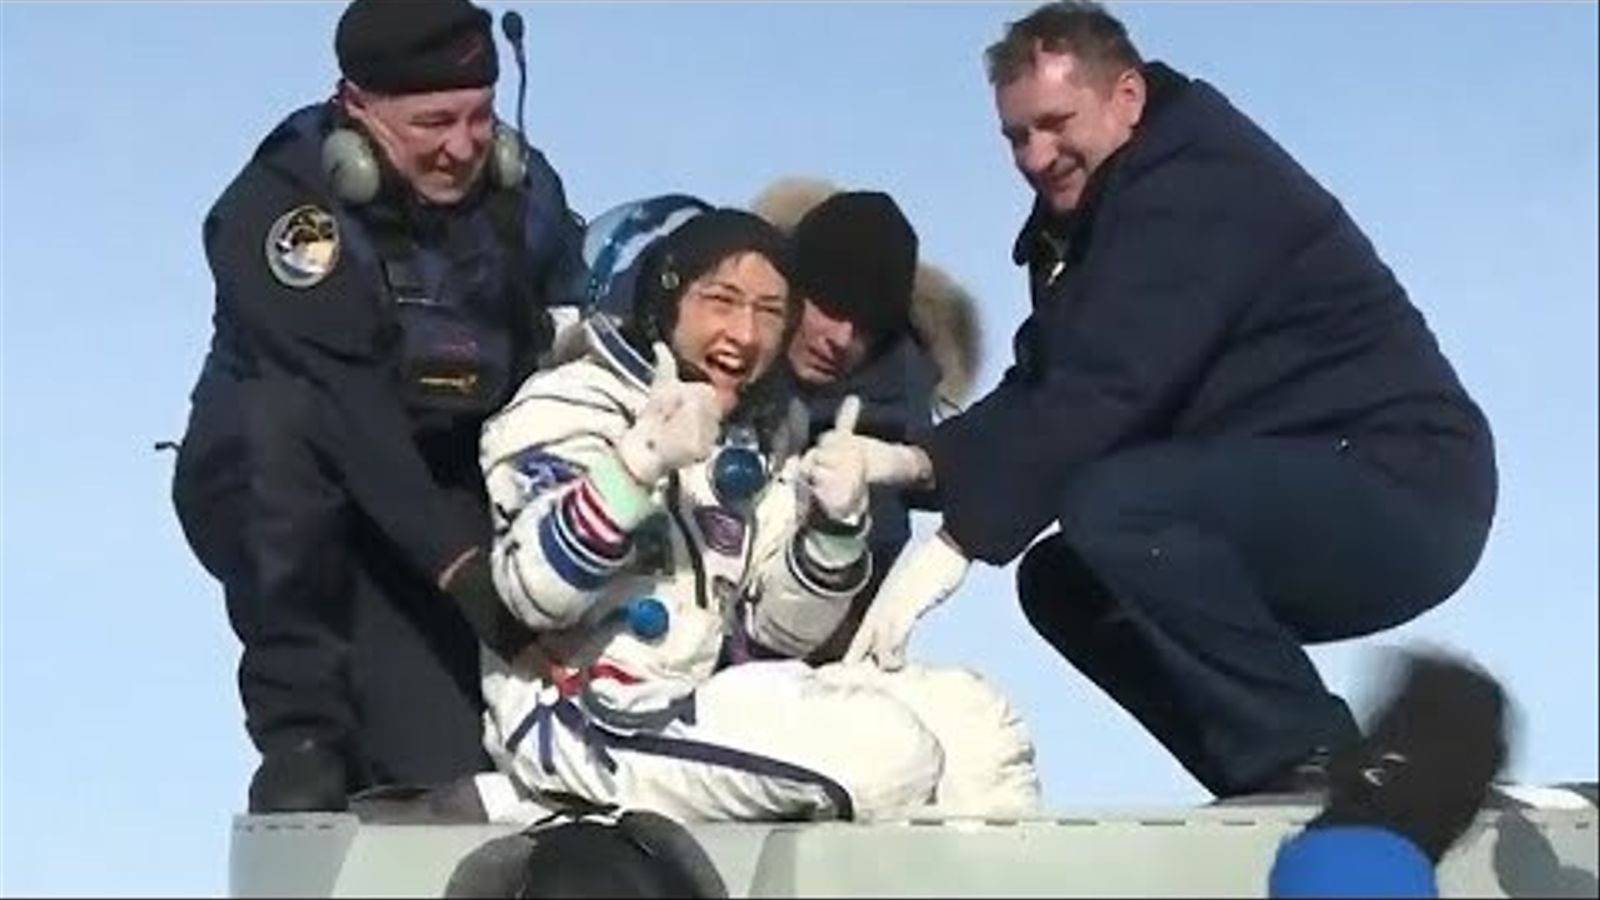 El moment en que Christina Koch surt de la nau que l'ha tornada a la Terra